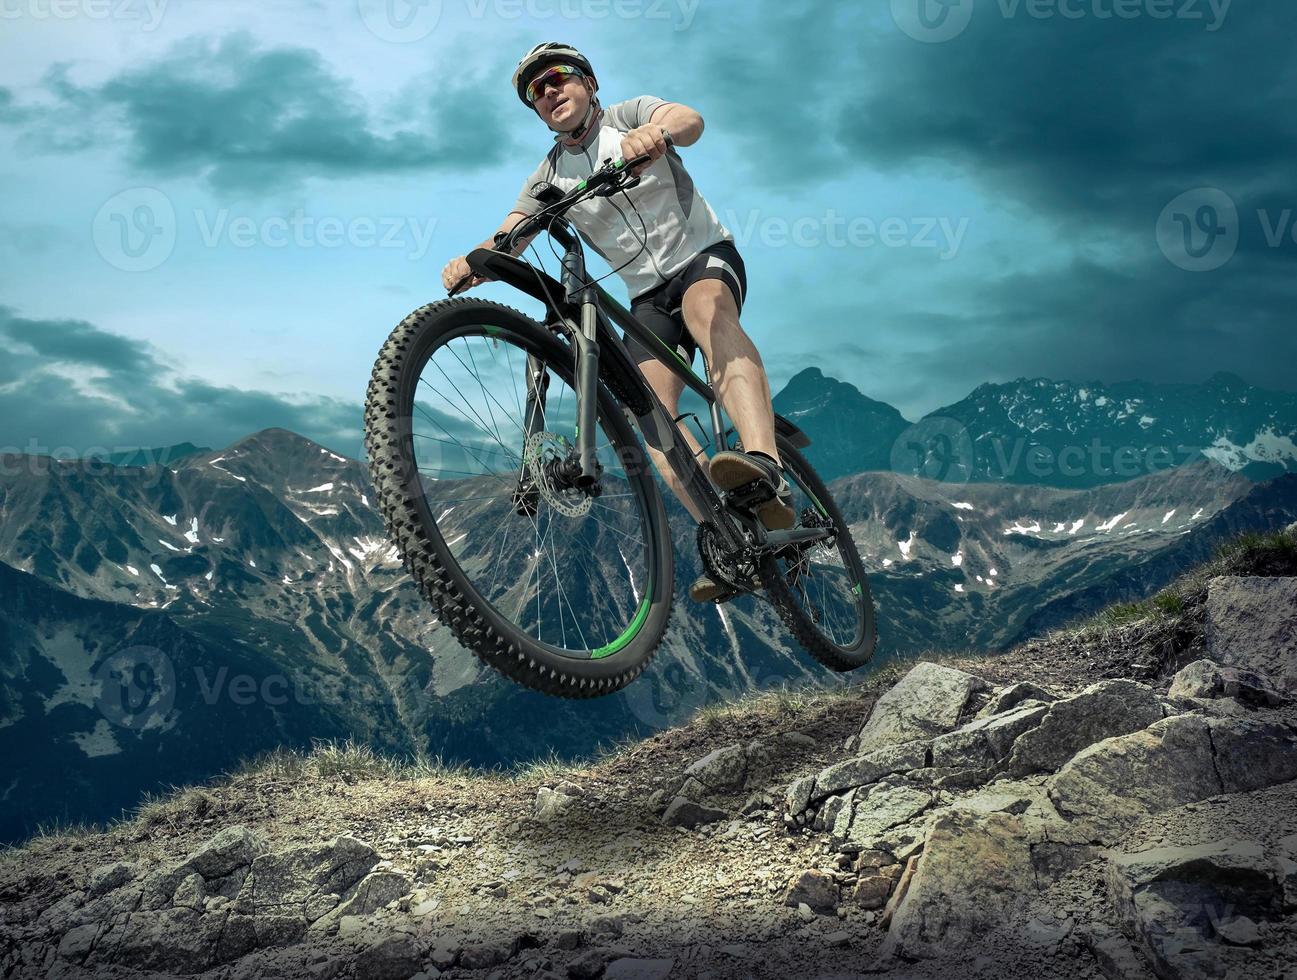 homem na bicicleta sob o céu com nuvens foto